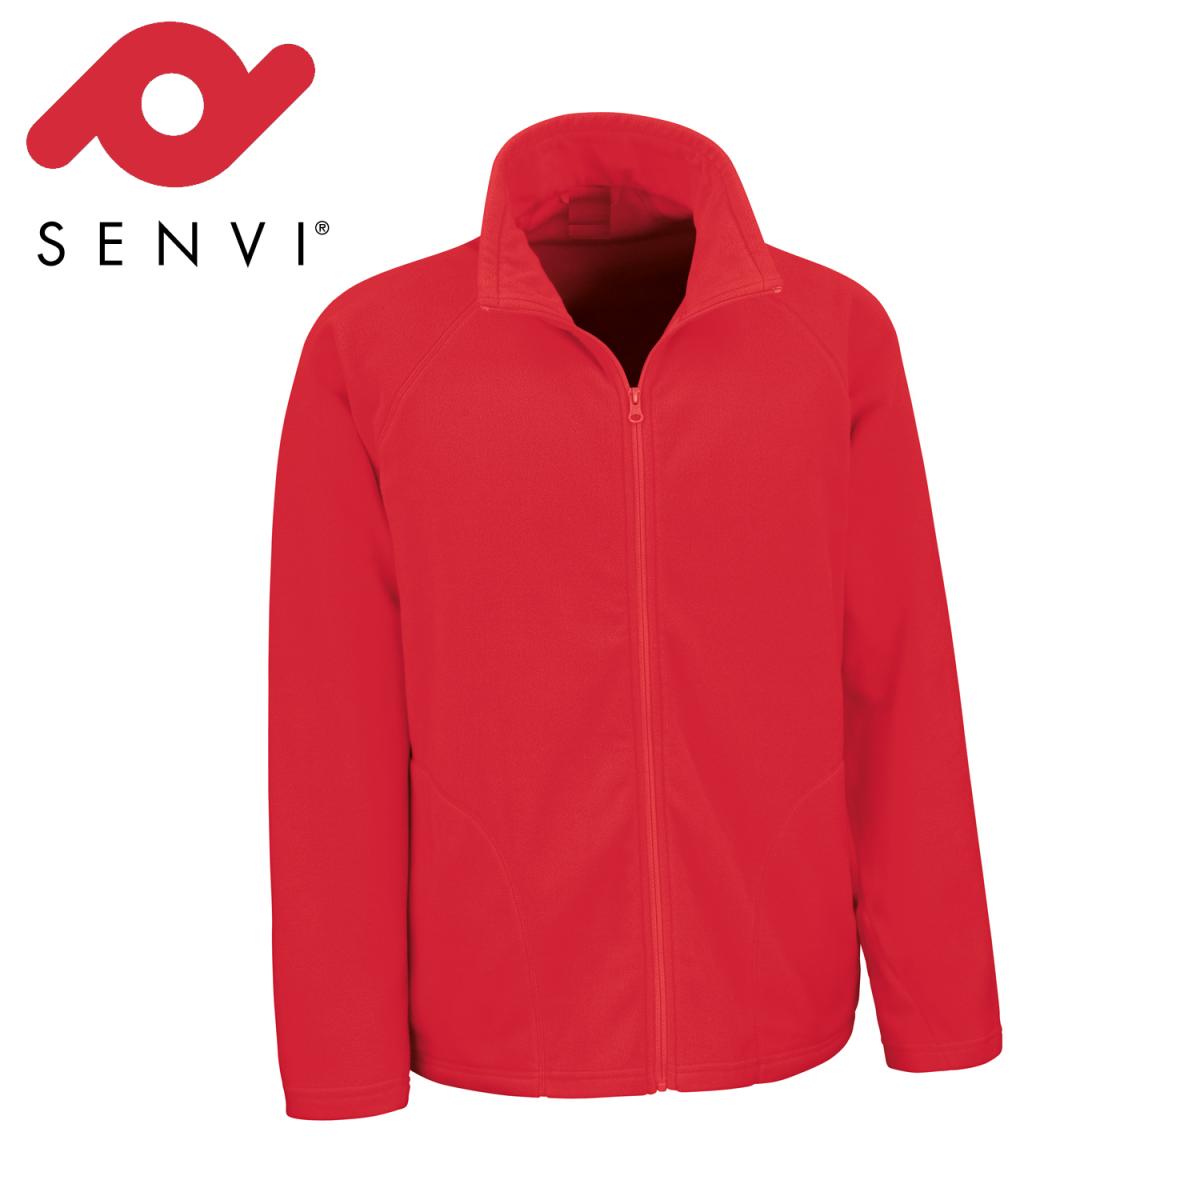 Senvi Basic Fleece Vest - Thermisch laag microfleece - Kleur Rood - Maat XXL